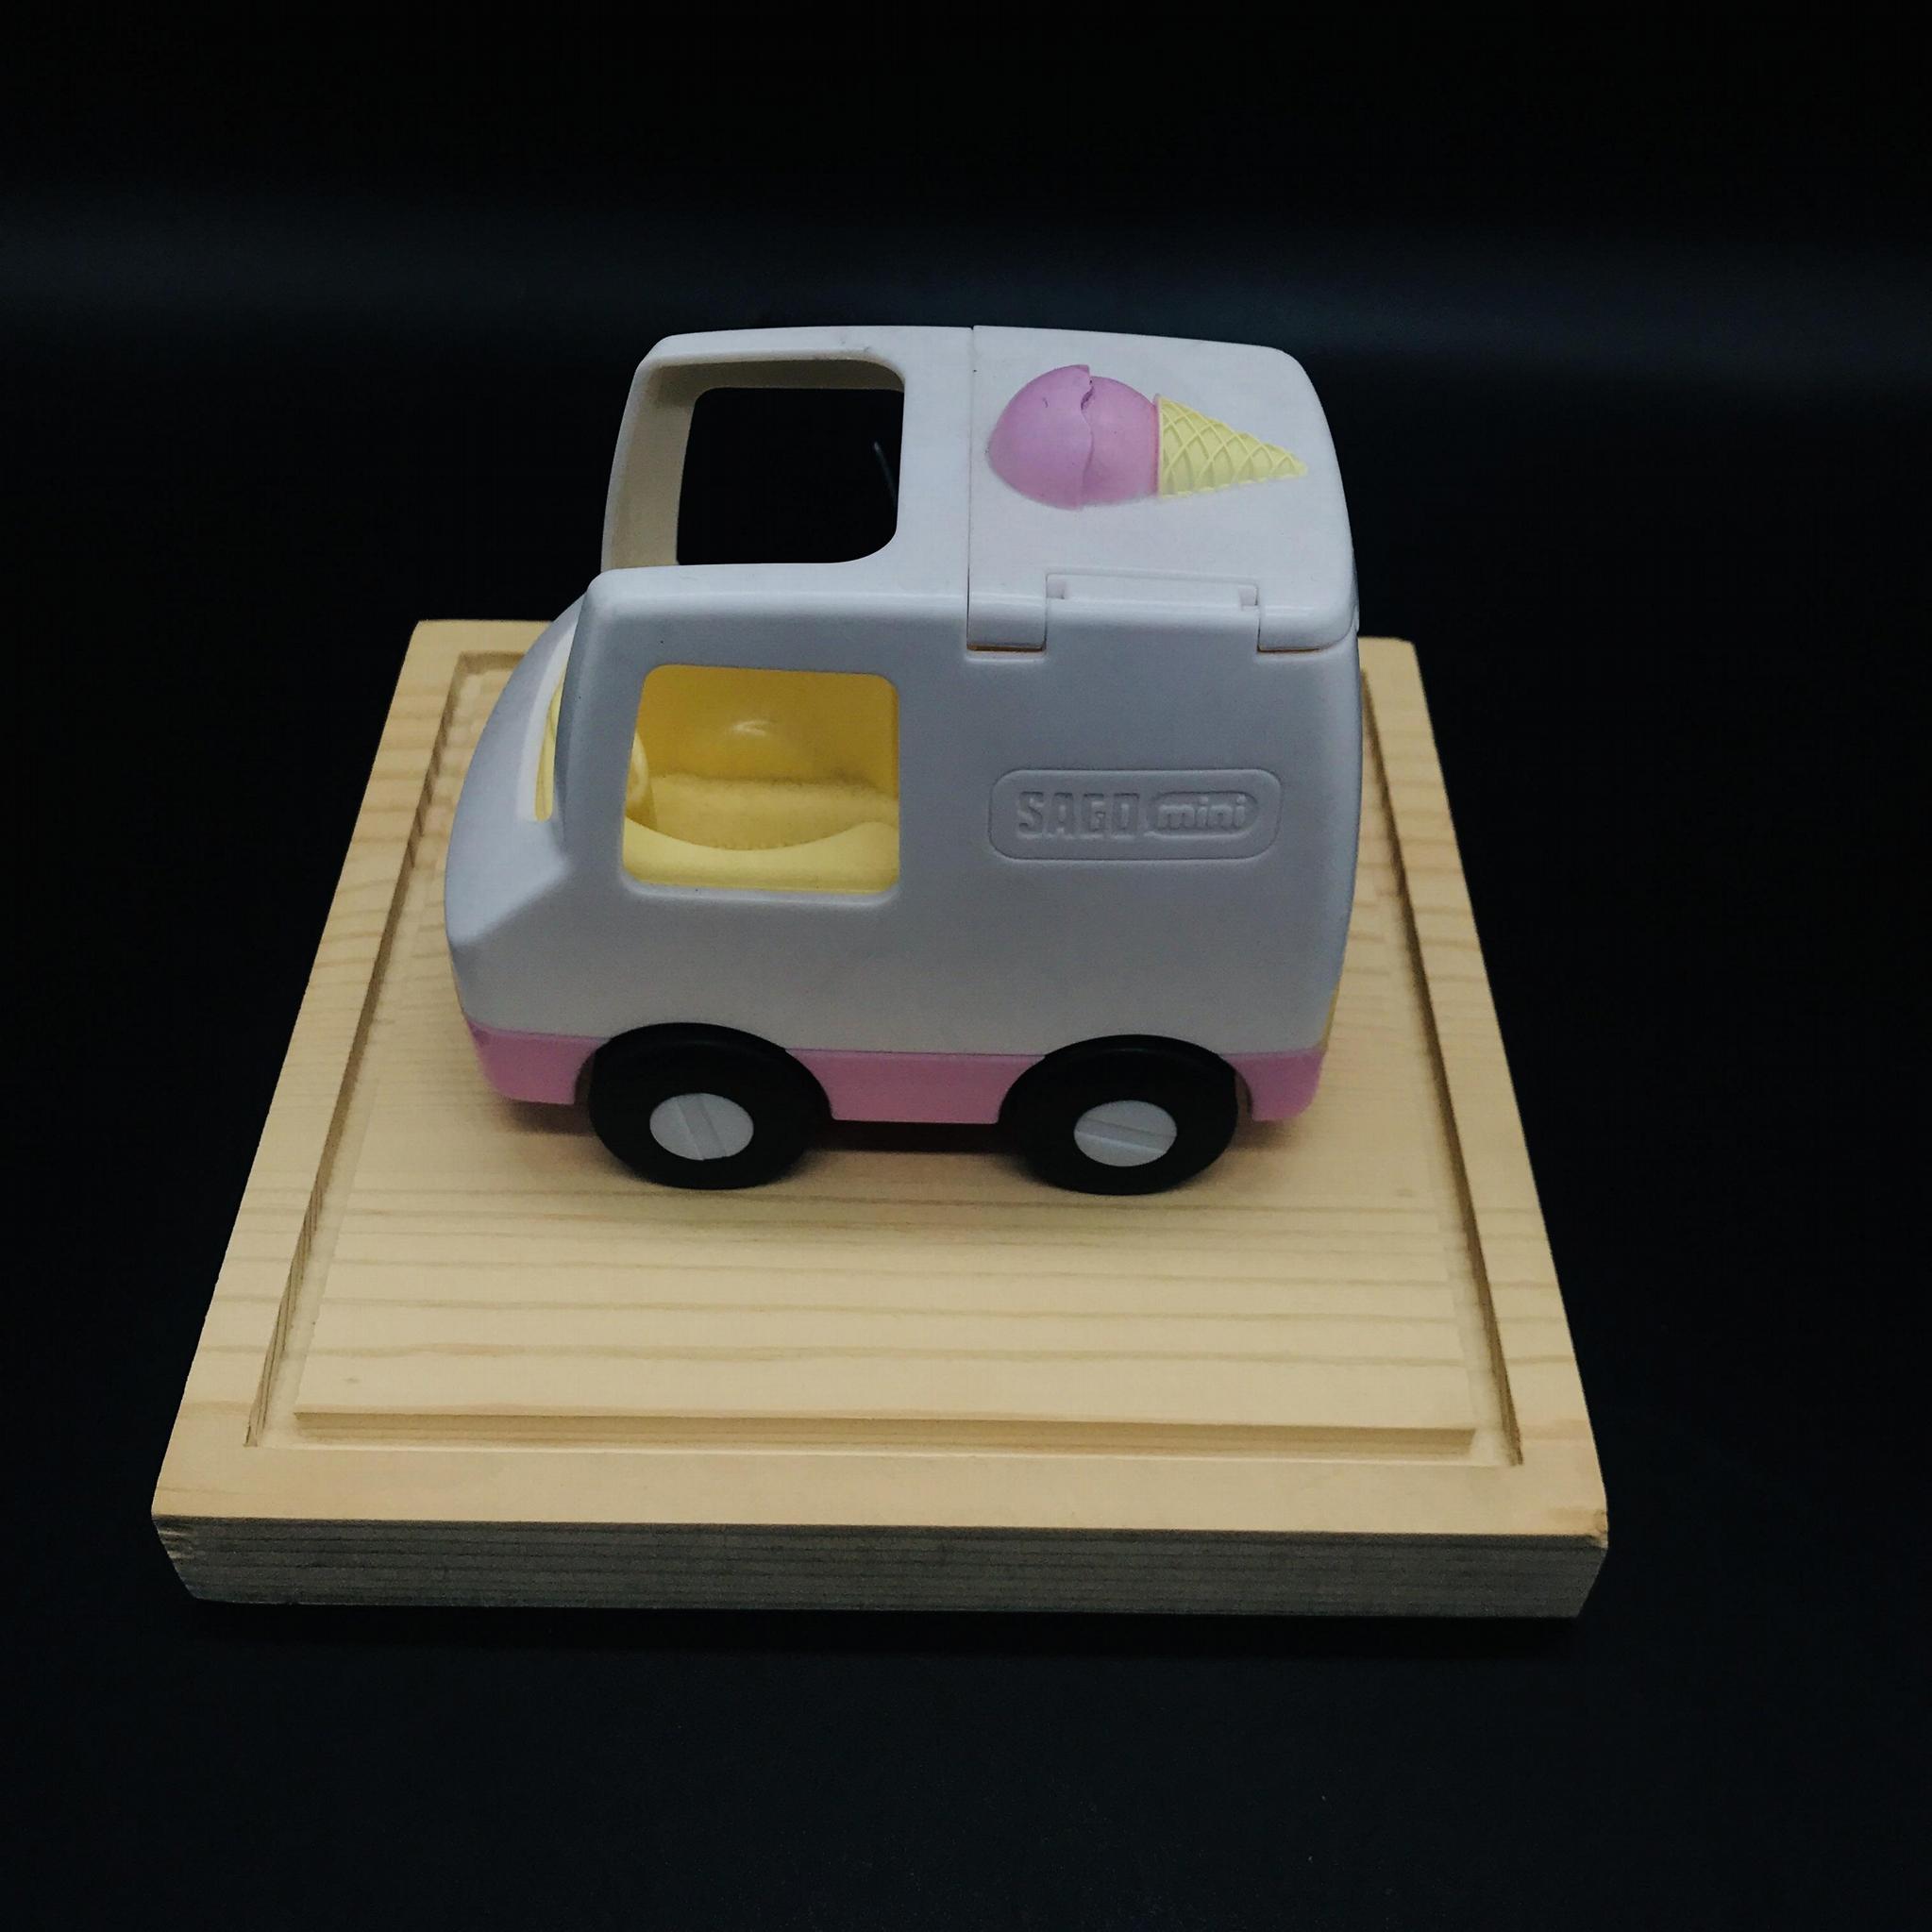 亚克力玩具展示架 定制亚克力盒子  有机玻璃公仔玩具手办展示盒 6